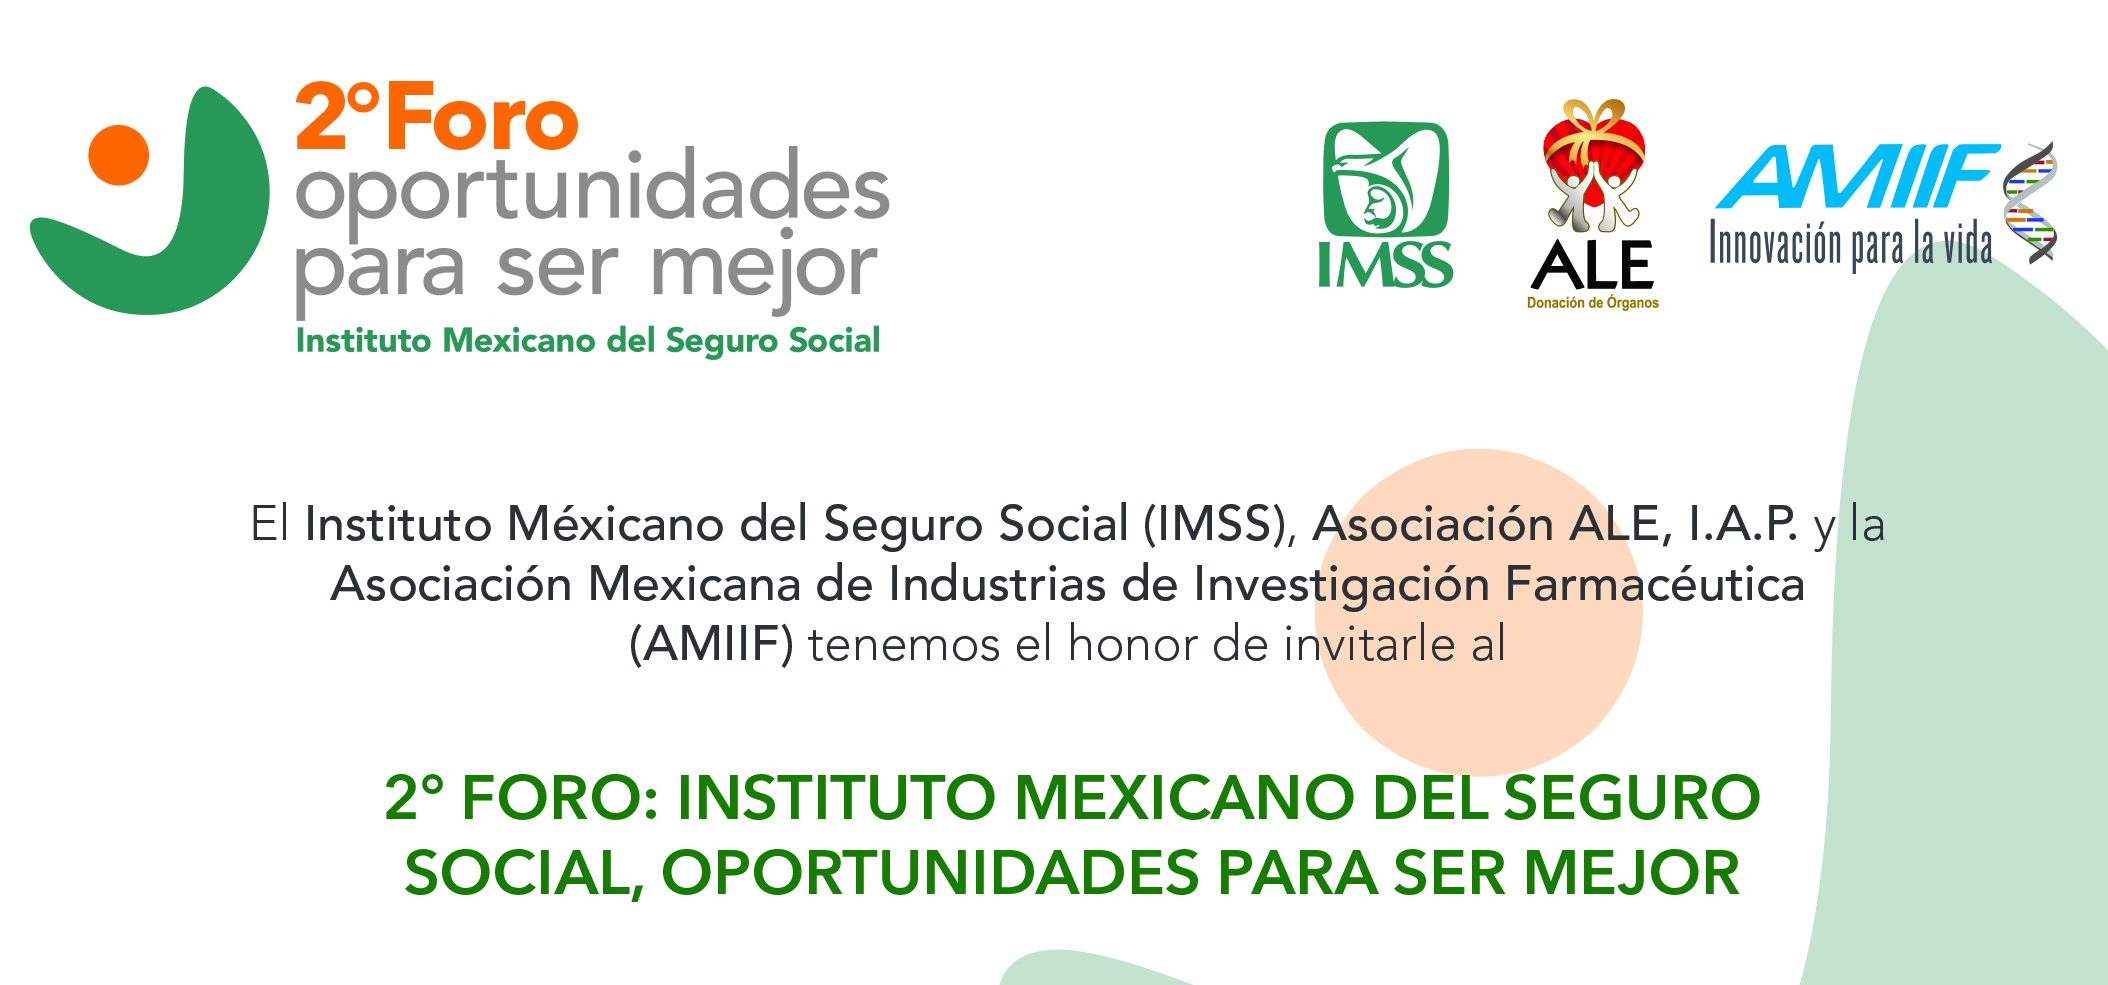 Invitacion ForoIMSS_OportunidadesparaserMejor